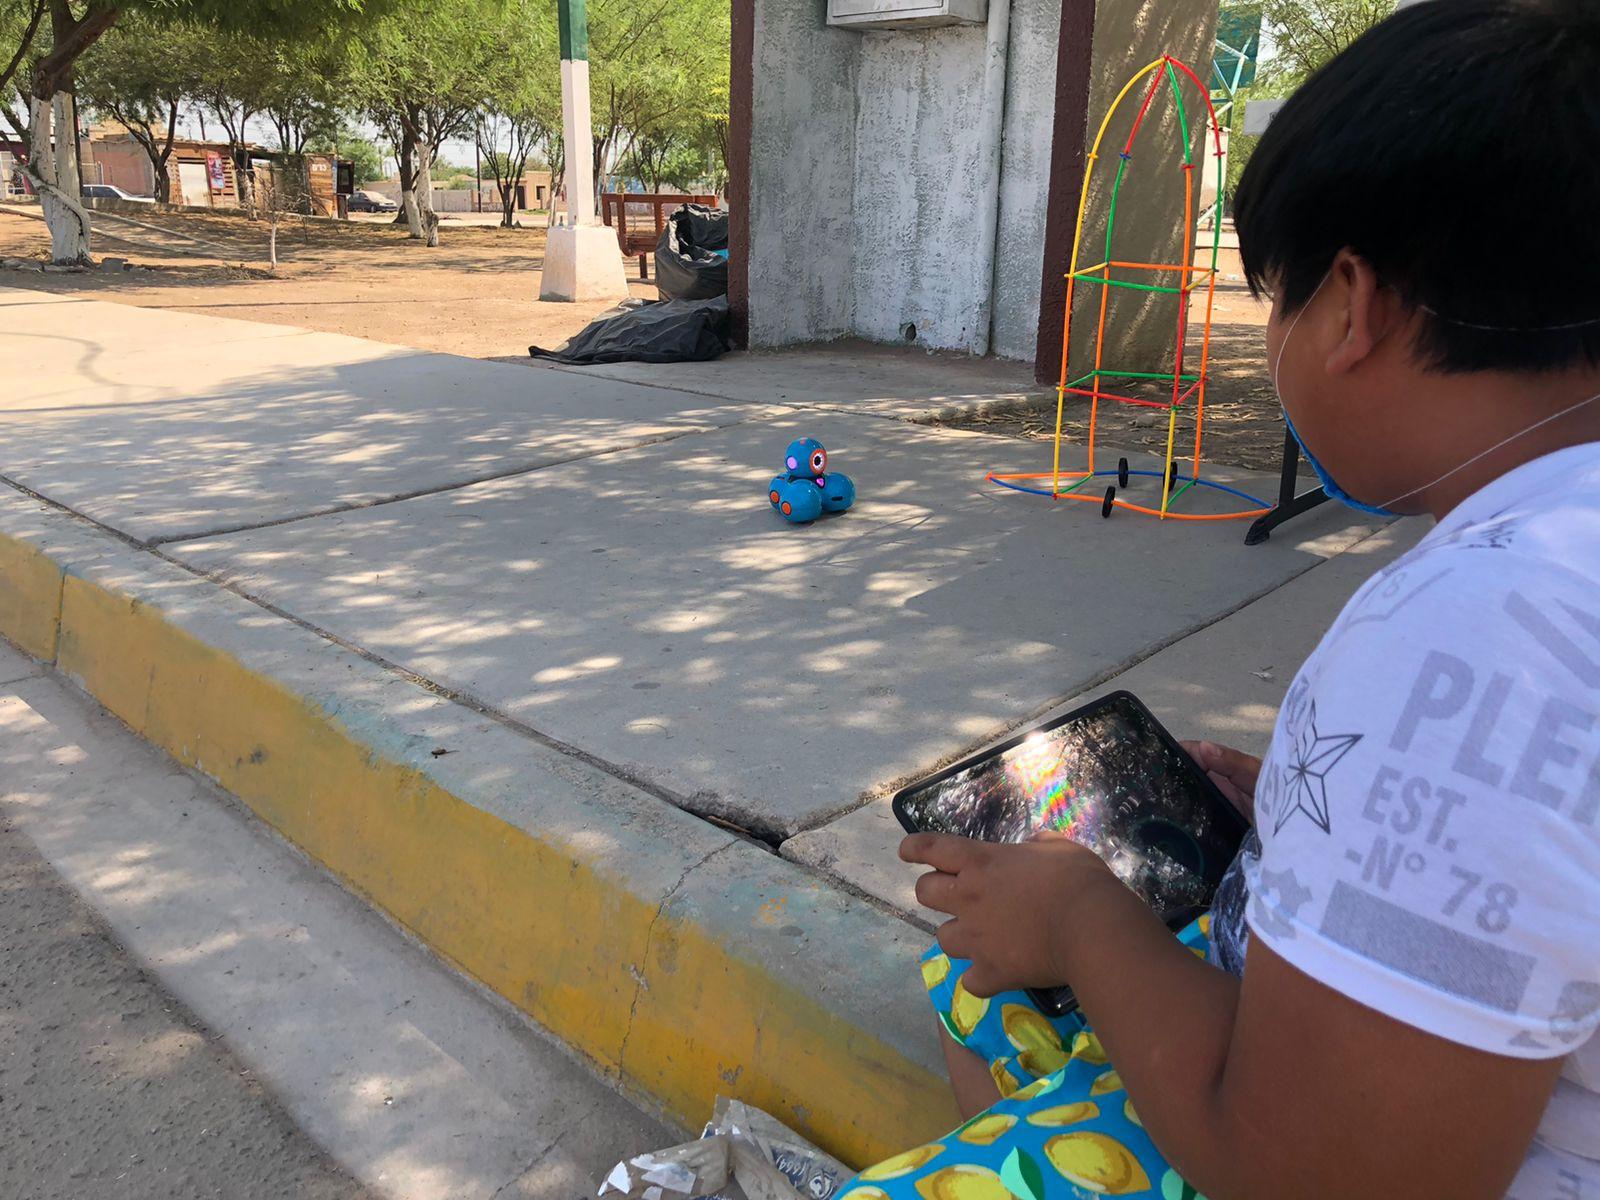 Promoviendo la educación STEM en comunidades vulnerables de Mexicali